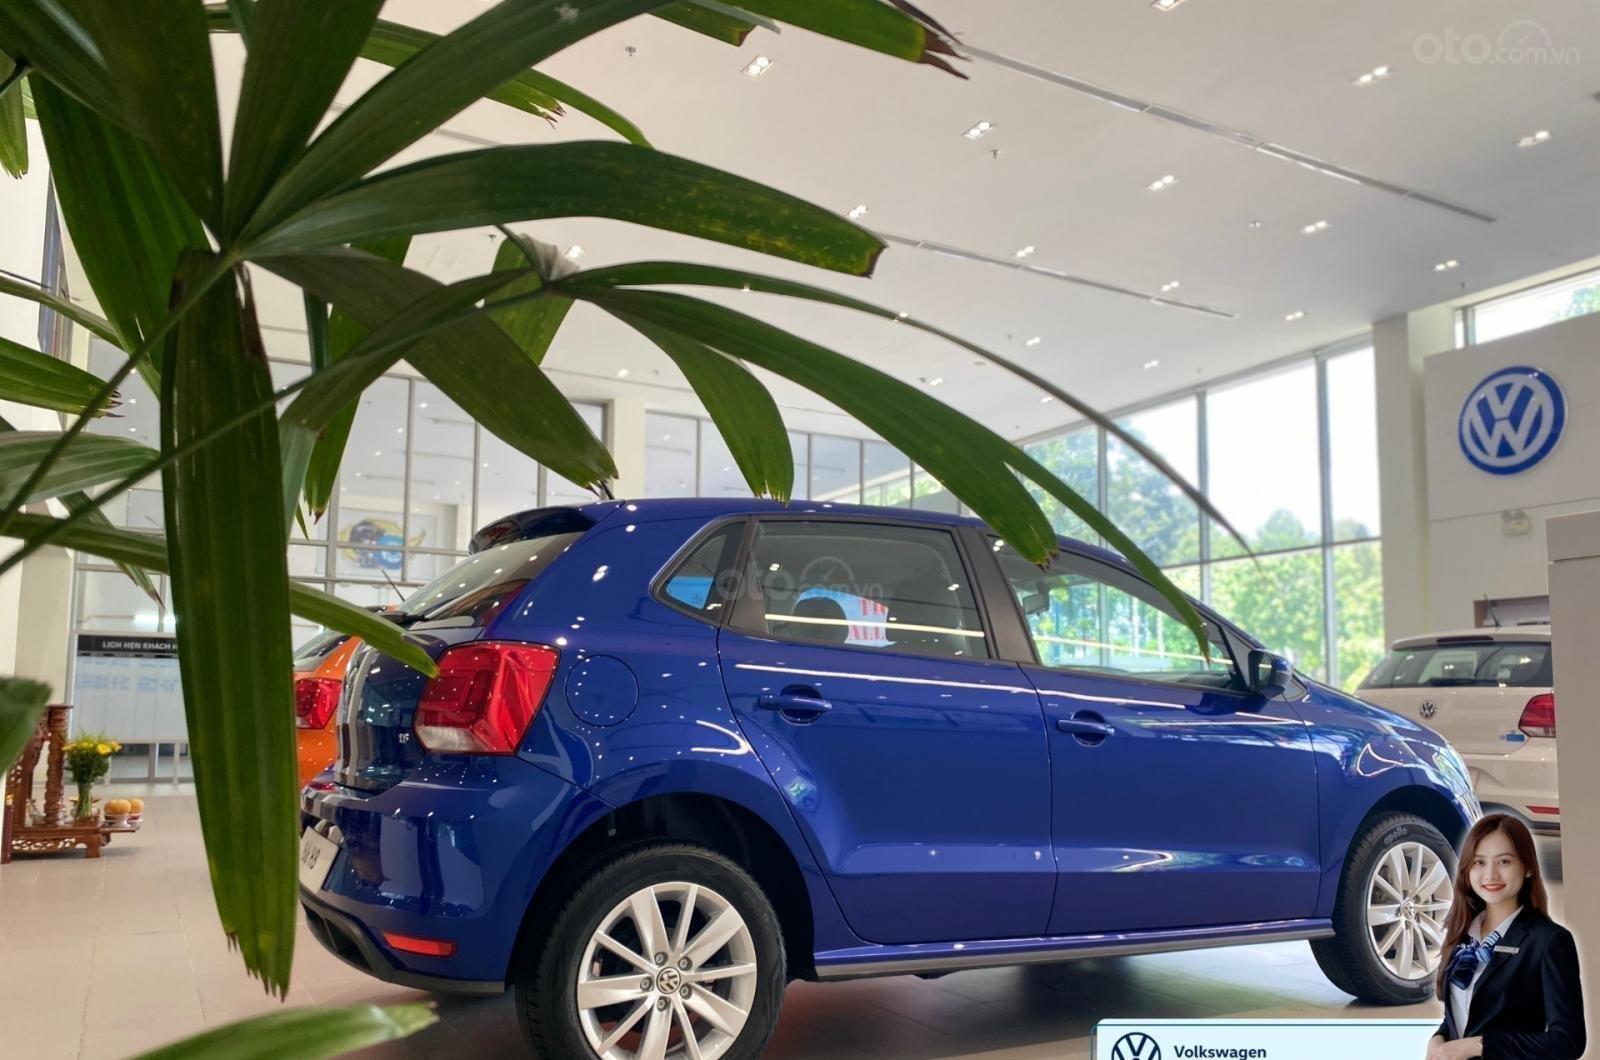 Polo hatchback màu xanh giá tốt - giảm tiền mặt + quà tặng ưu đãi lớn nhất năm (9)